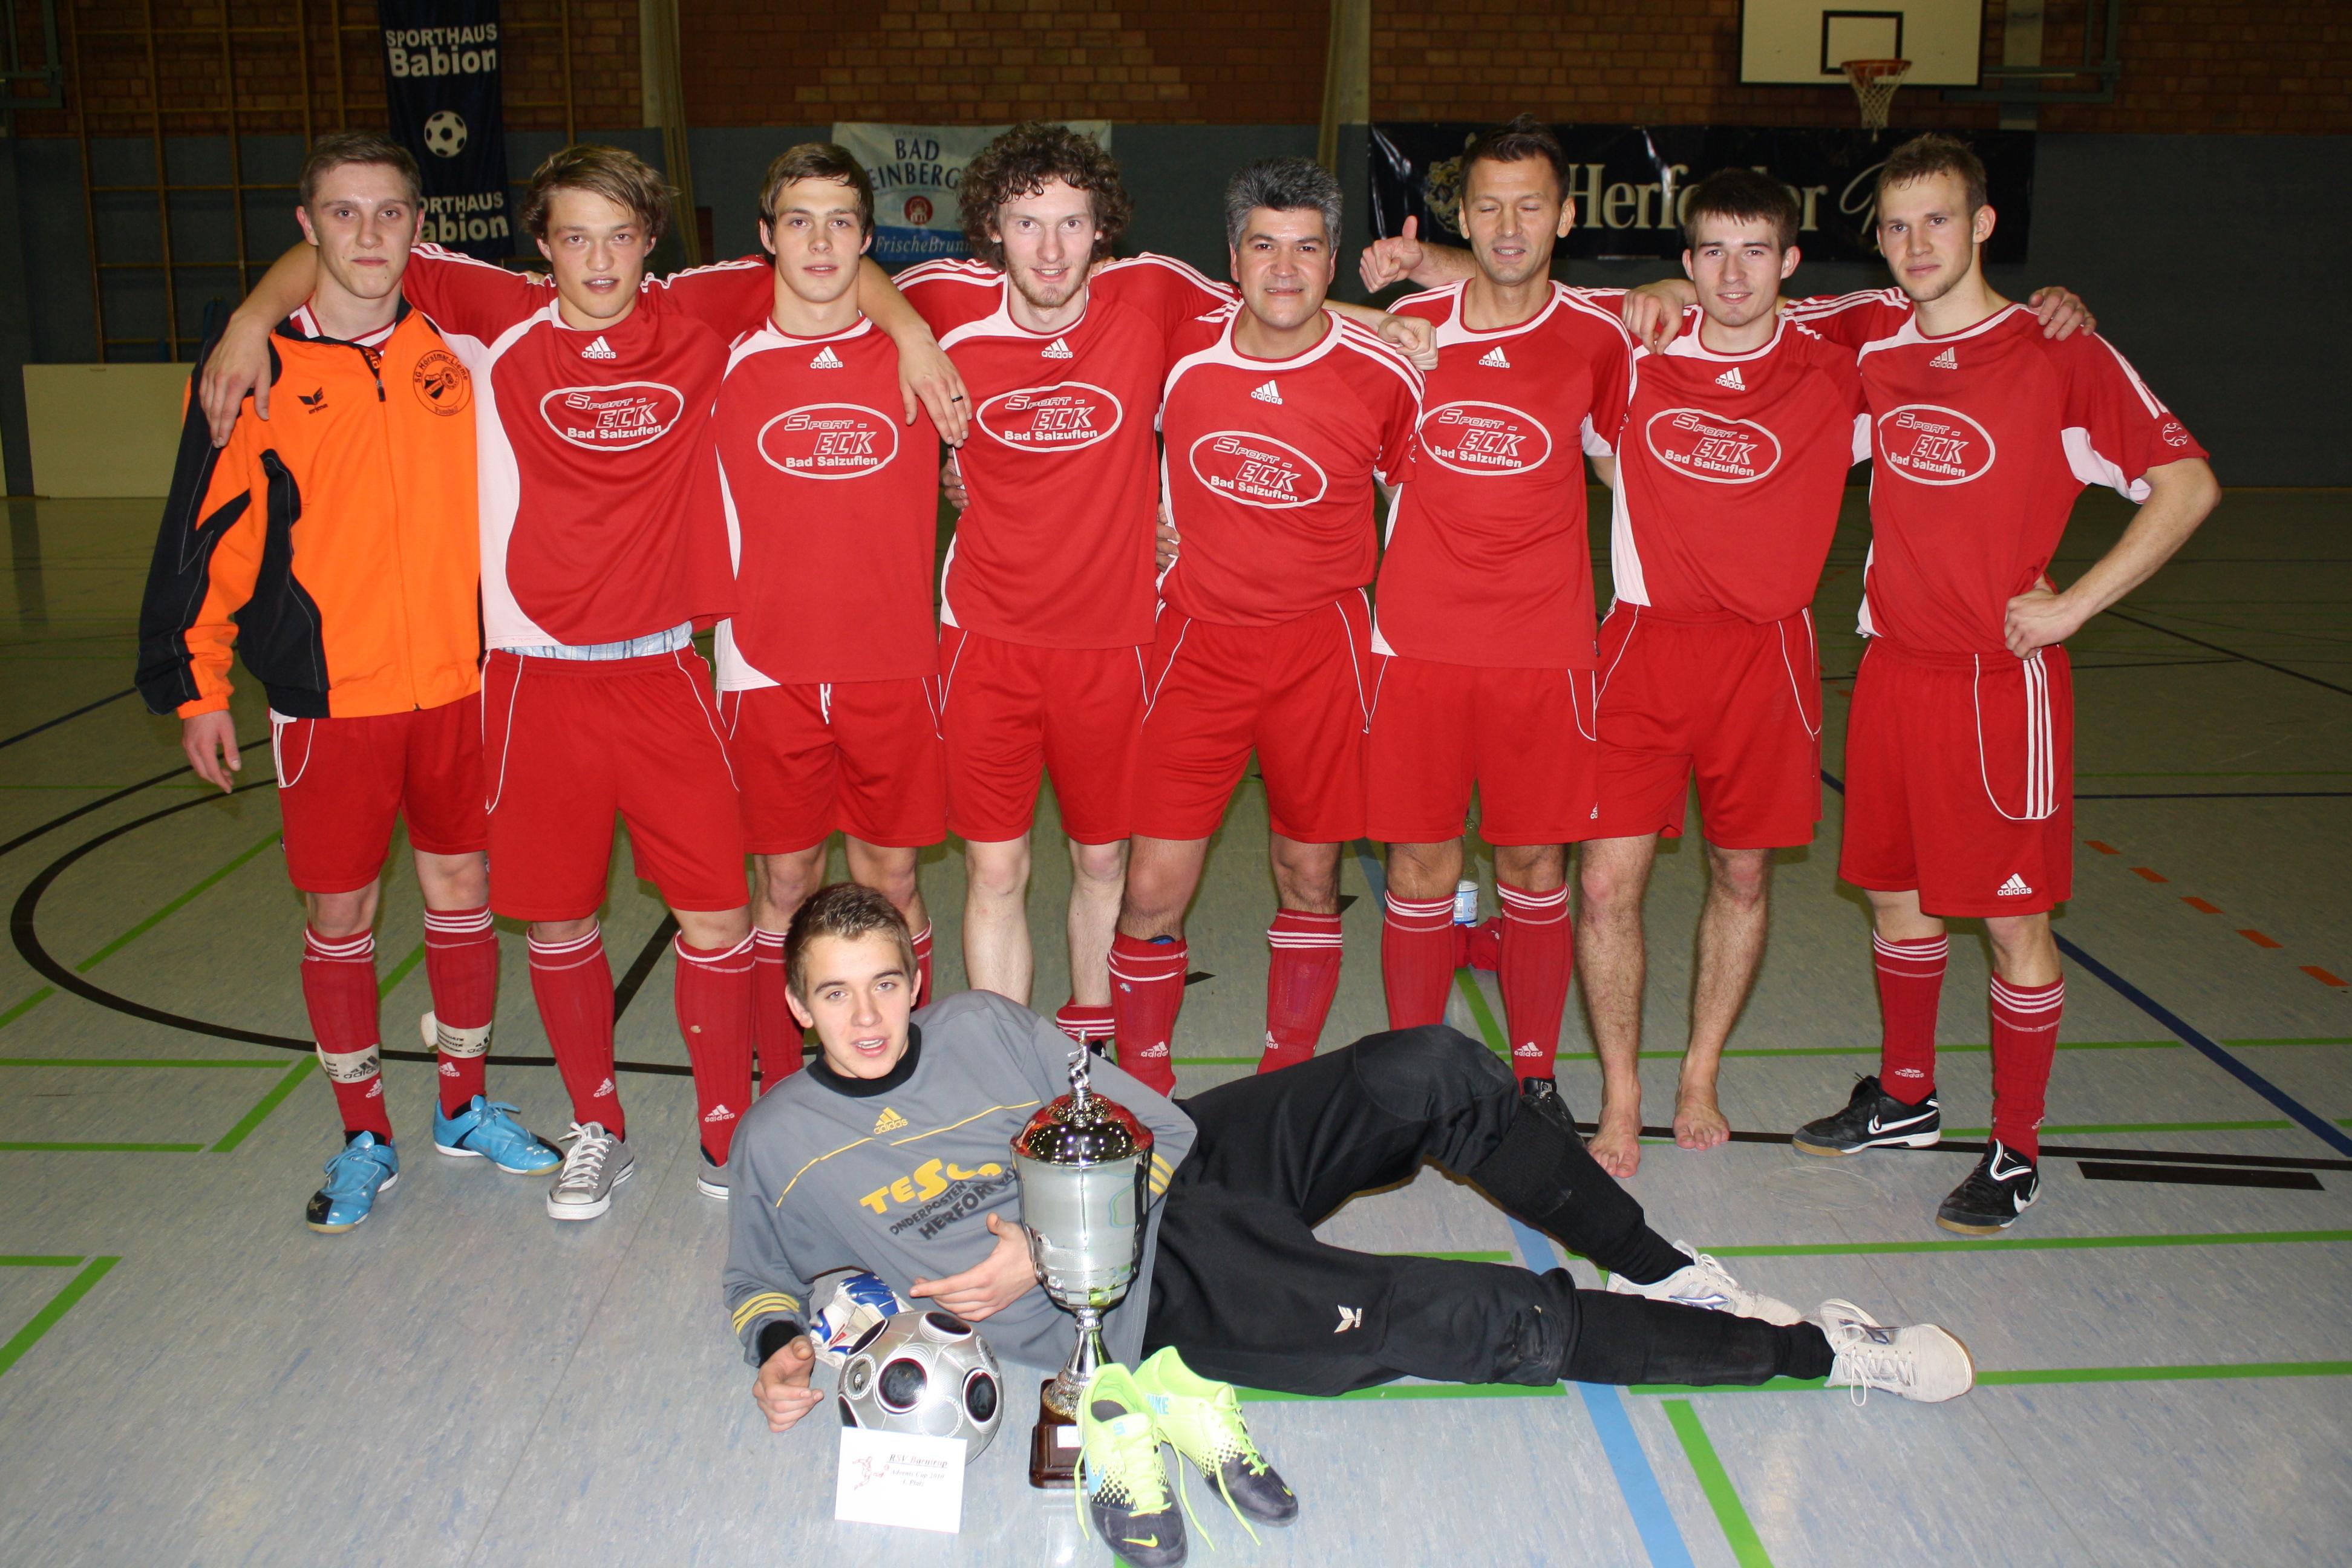 Advents-Cup Sieger kommt aus Hörstmar/Lieme